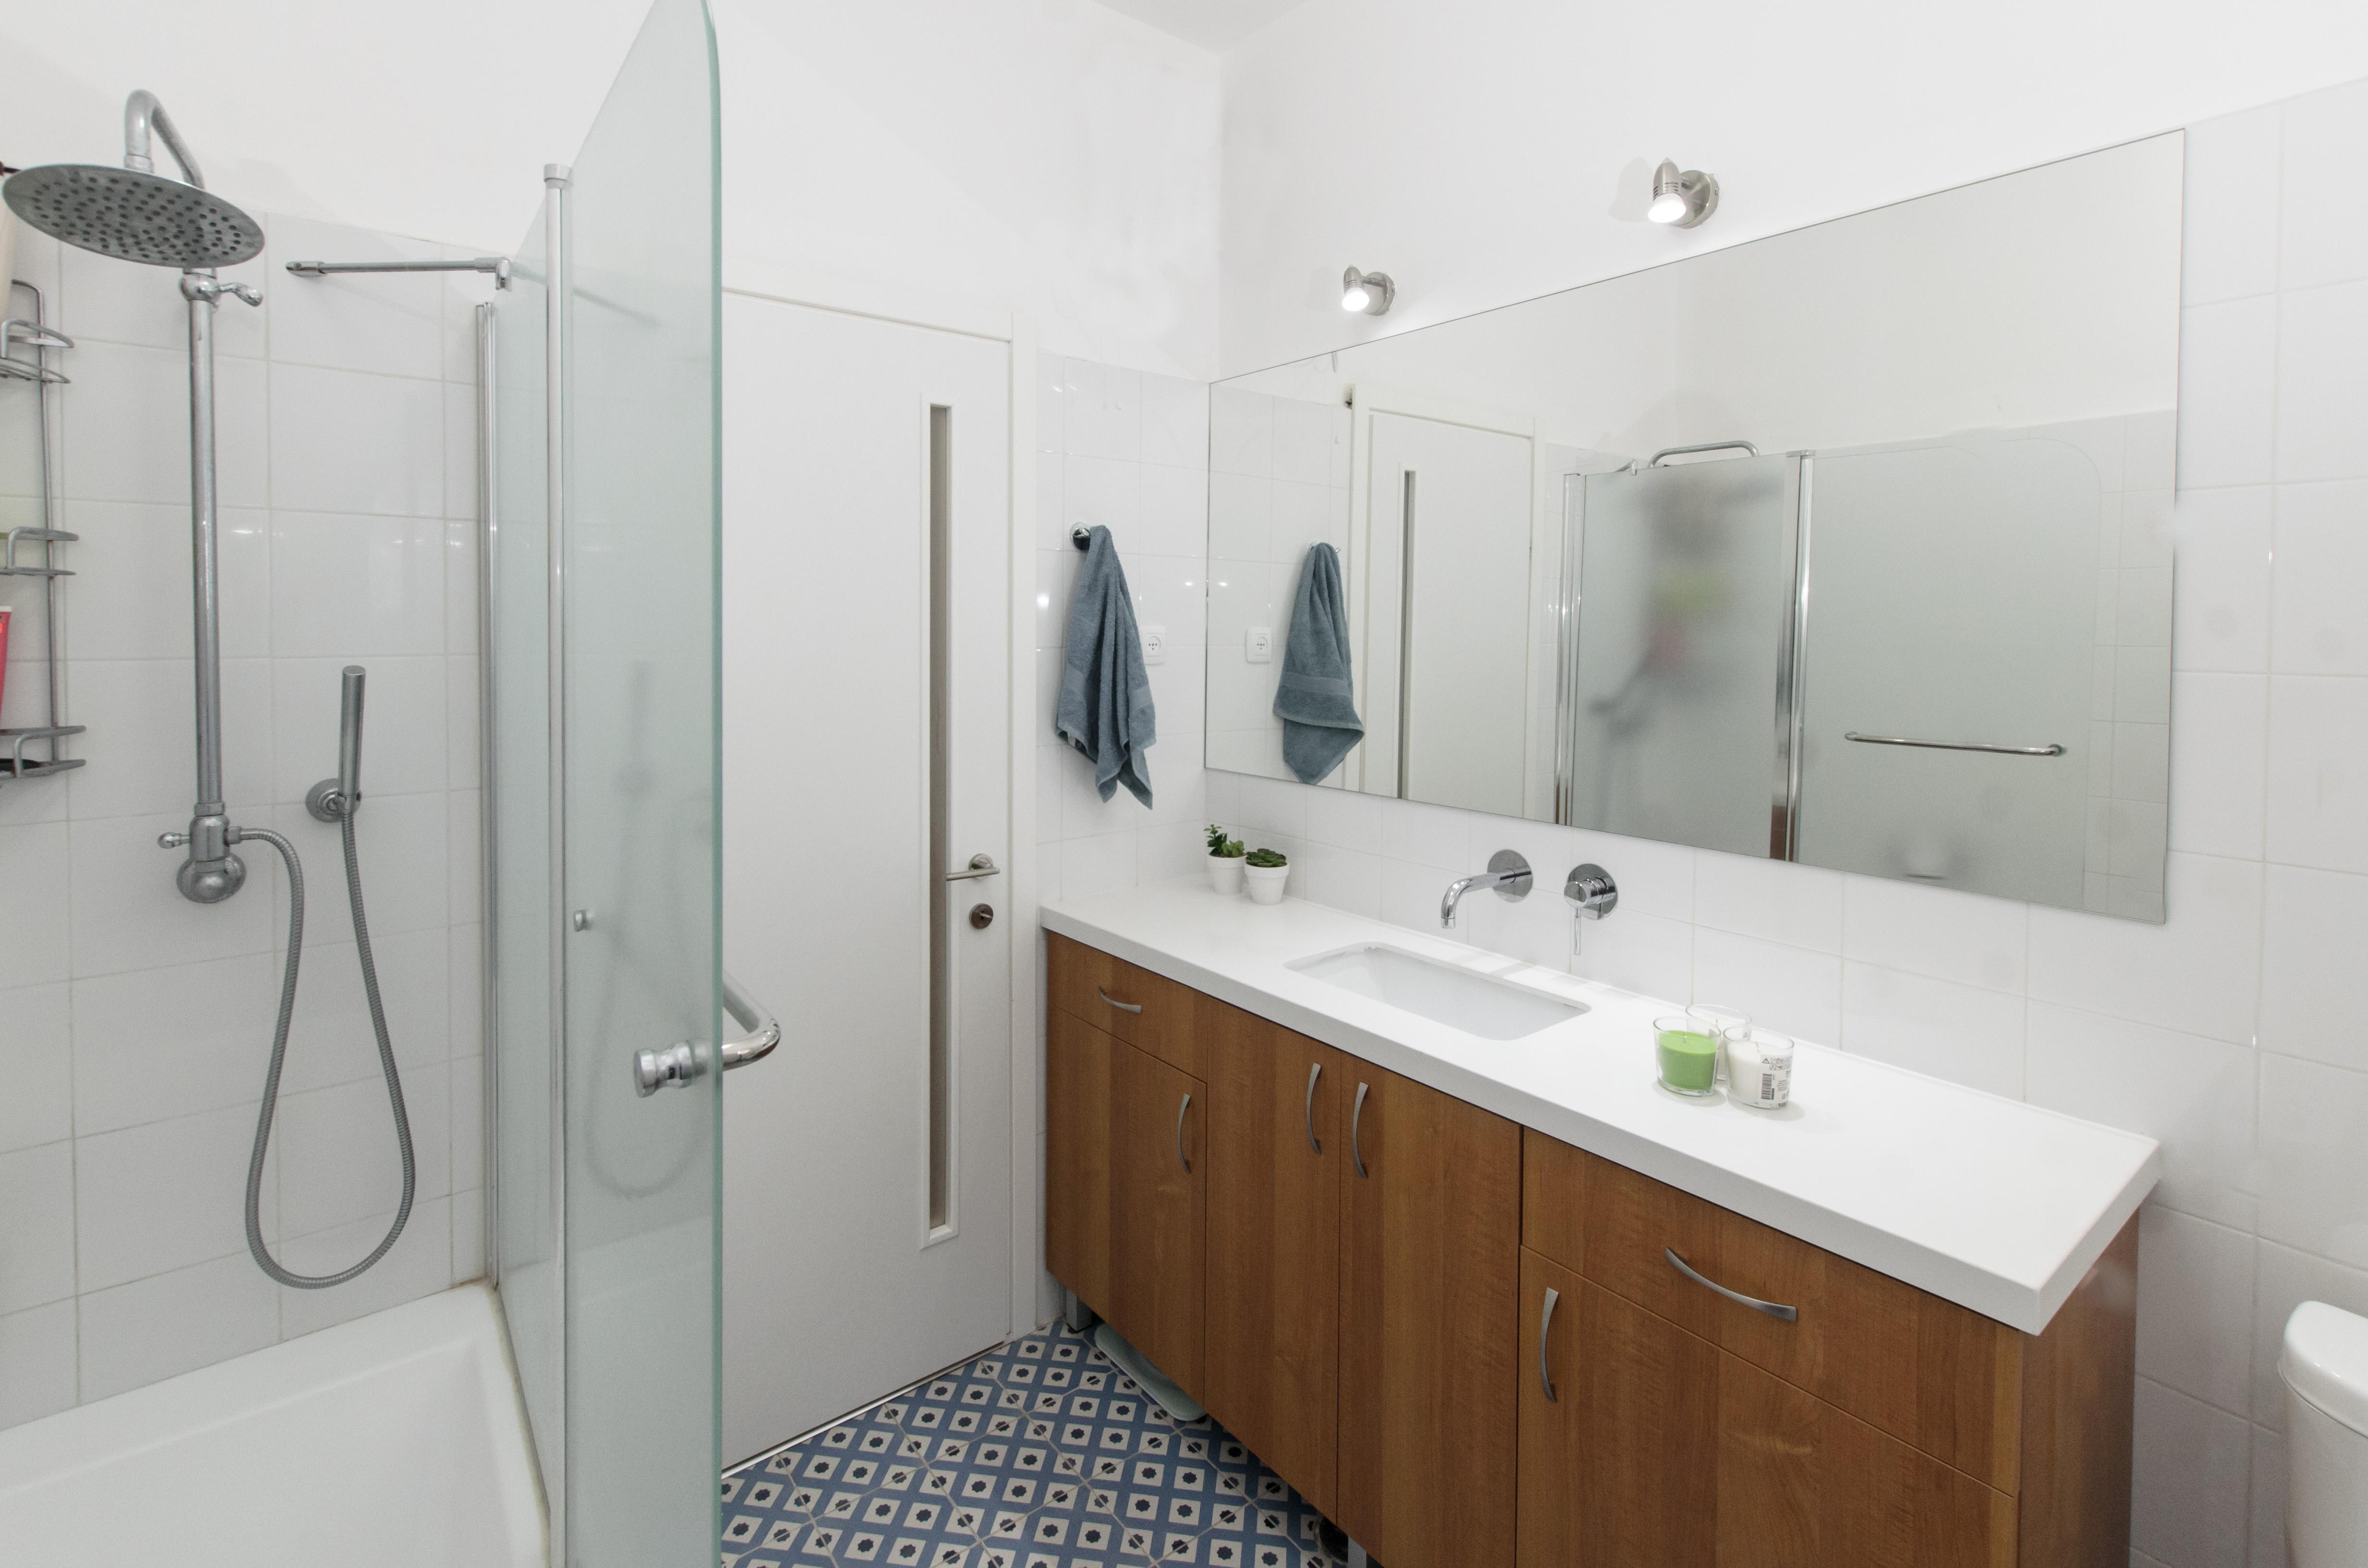 חדר אמבטיה, דירת 3 חדרים, גבעתיים